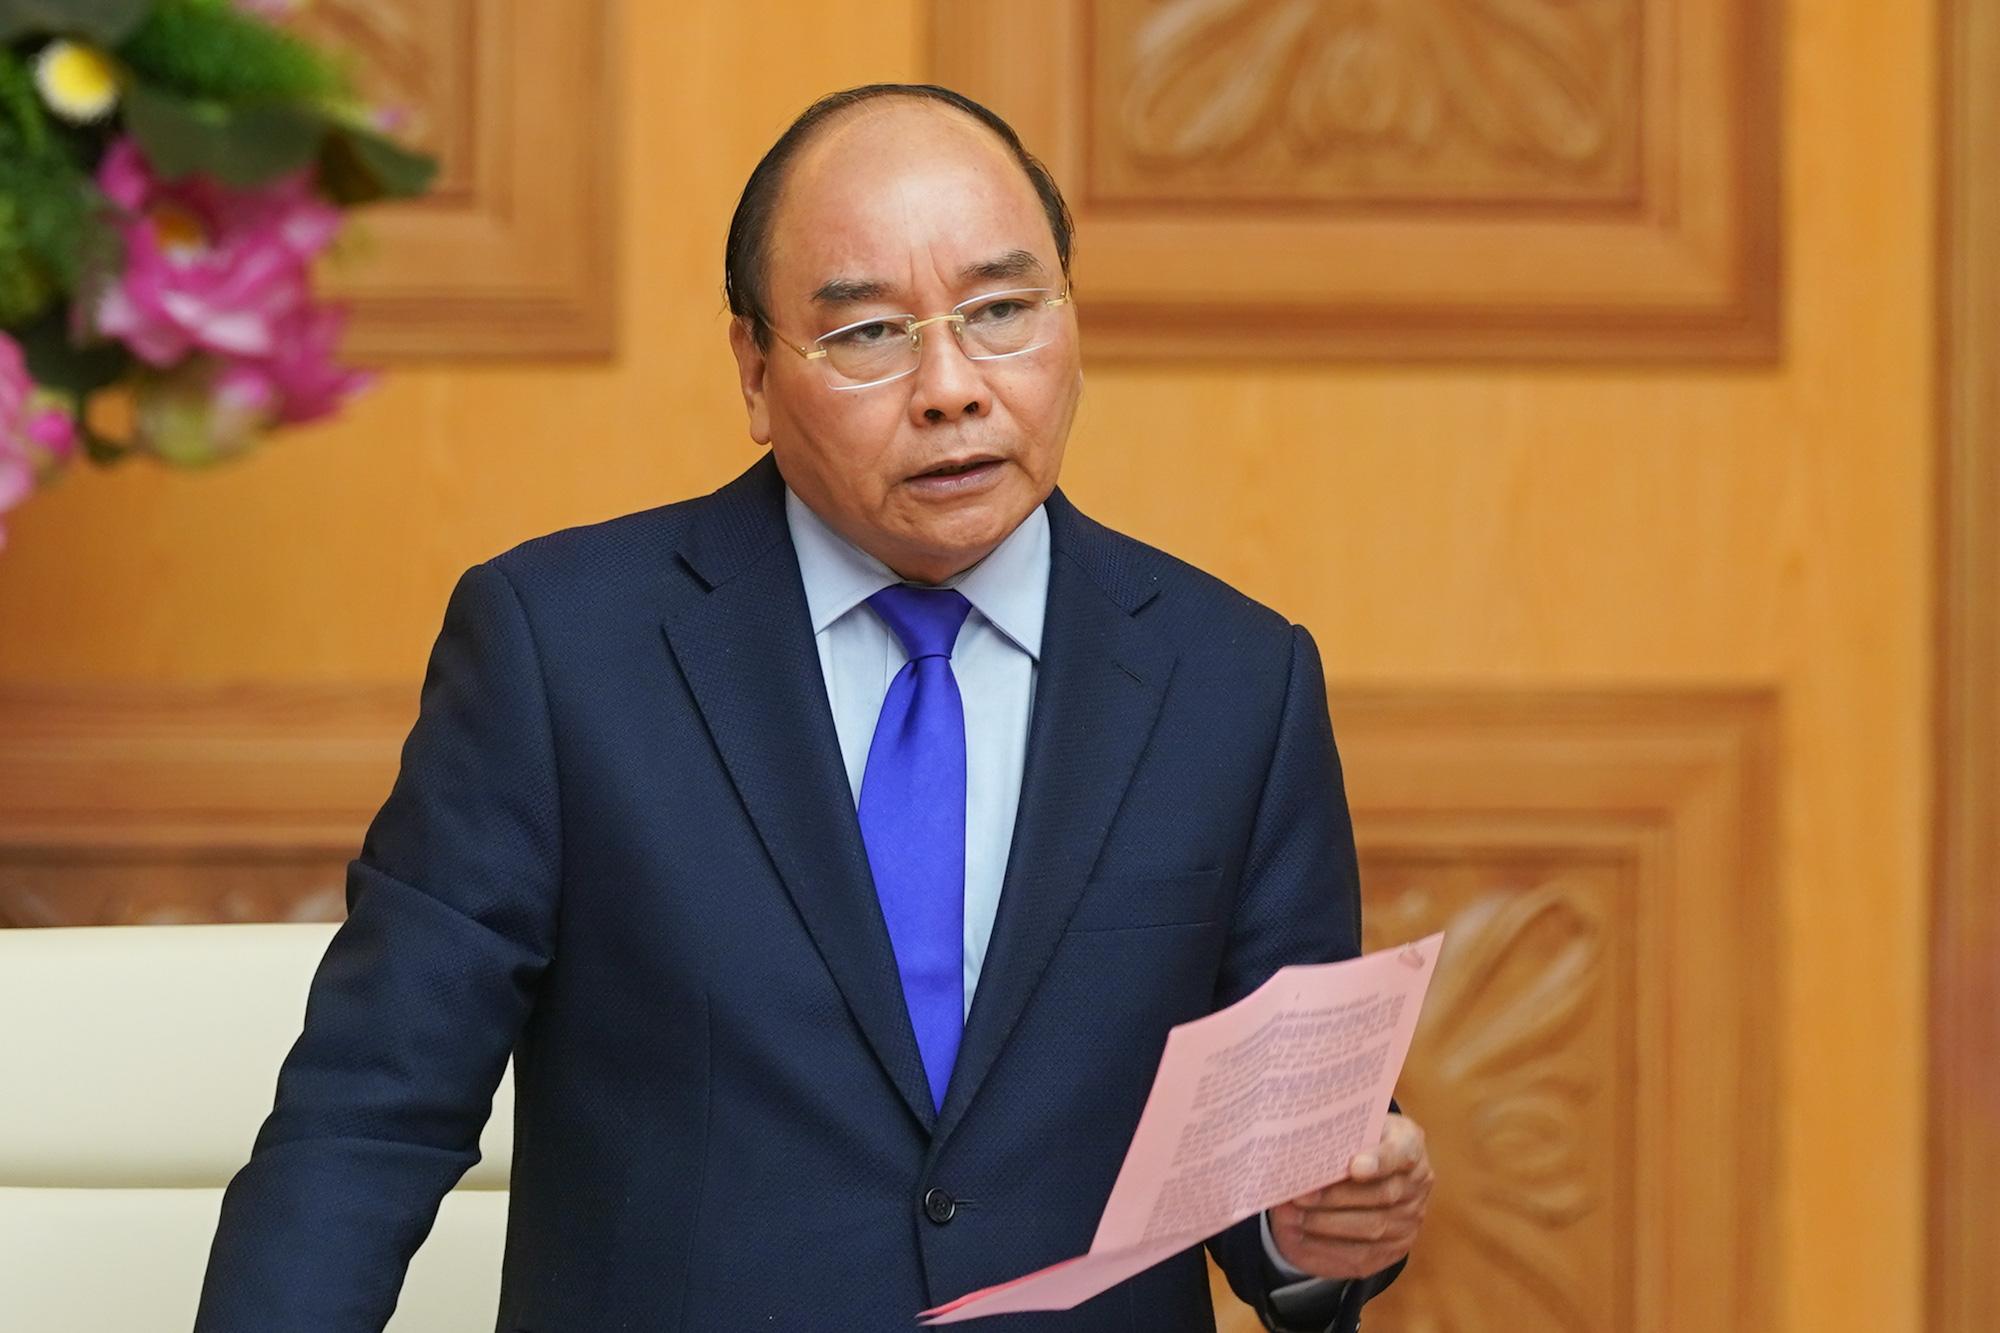 Thủ tướng Nguyễn Xuân Phúc tại cuộc họp chiều 30/1. (Ảnh qua vnexpress)